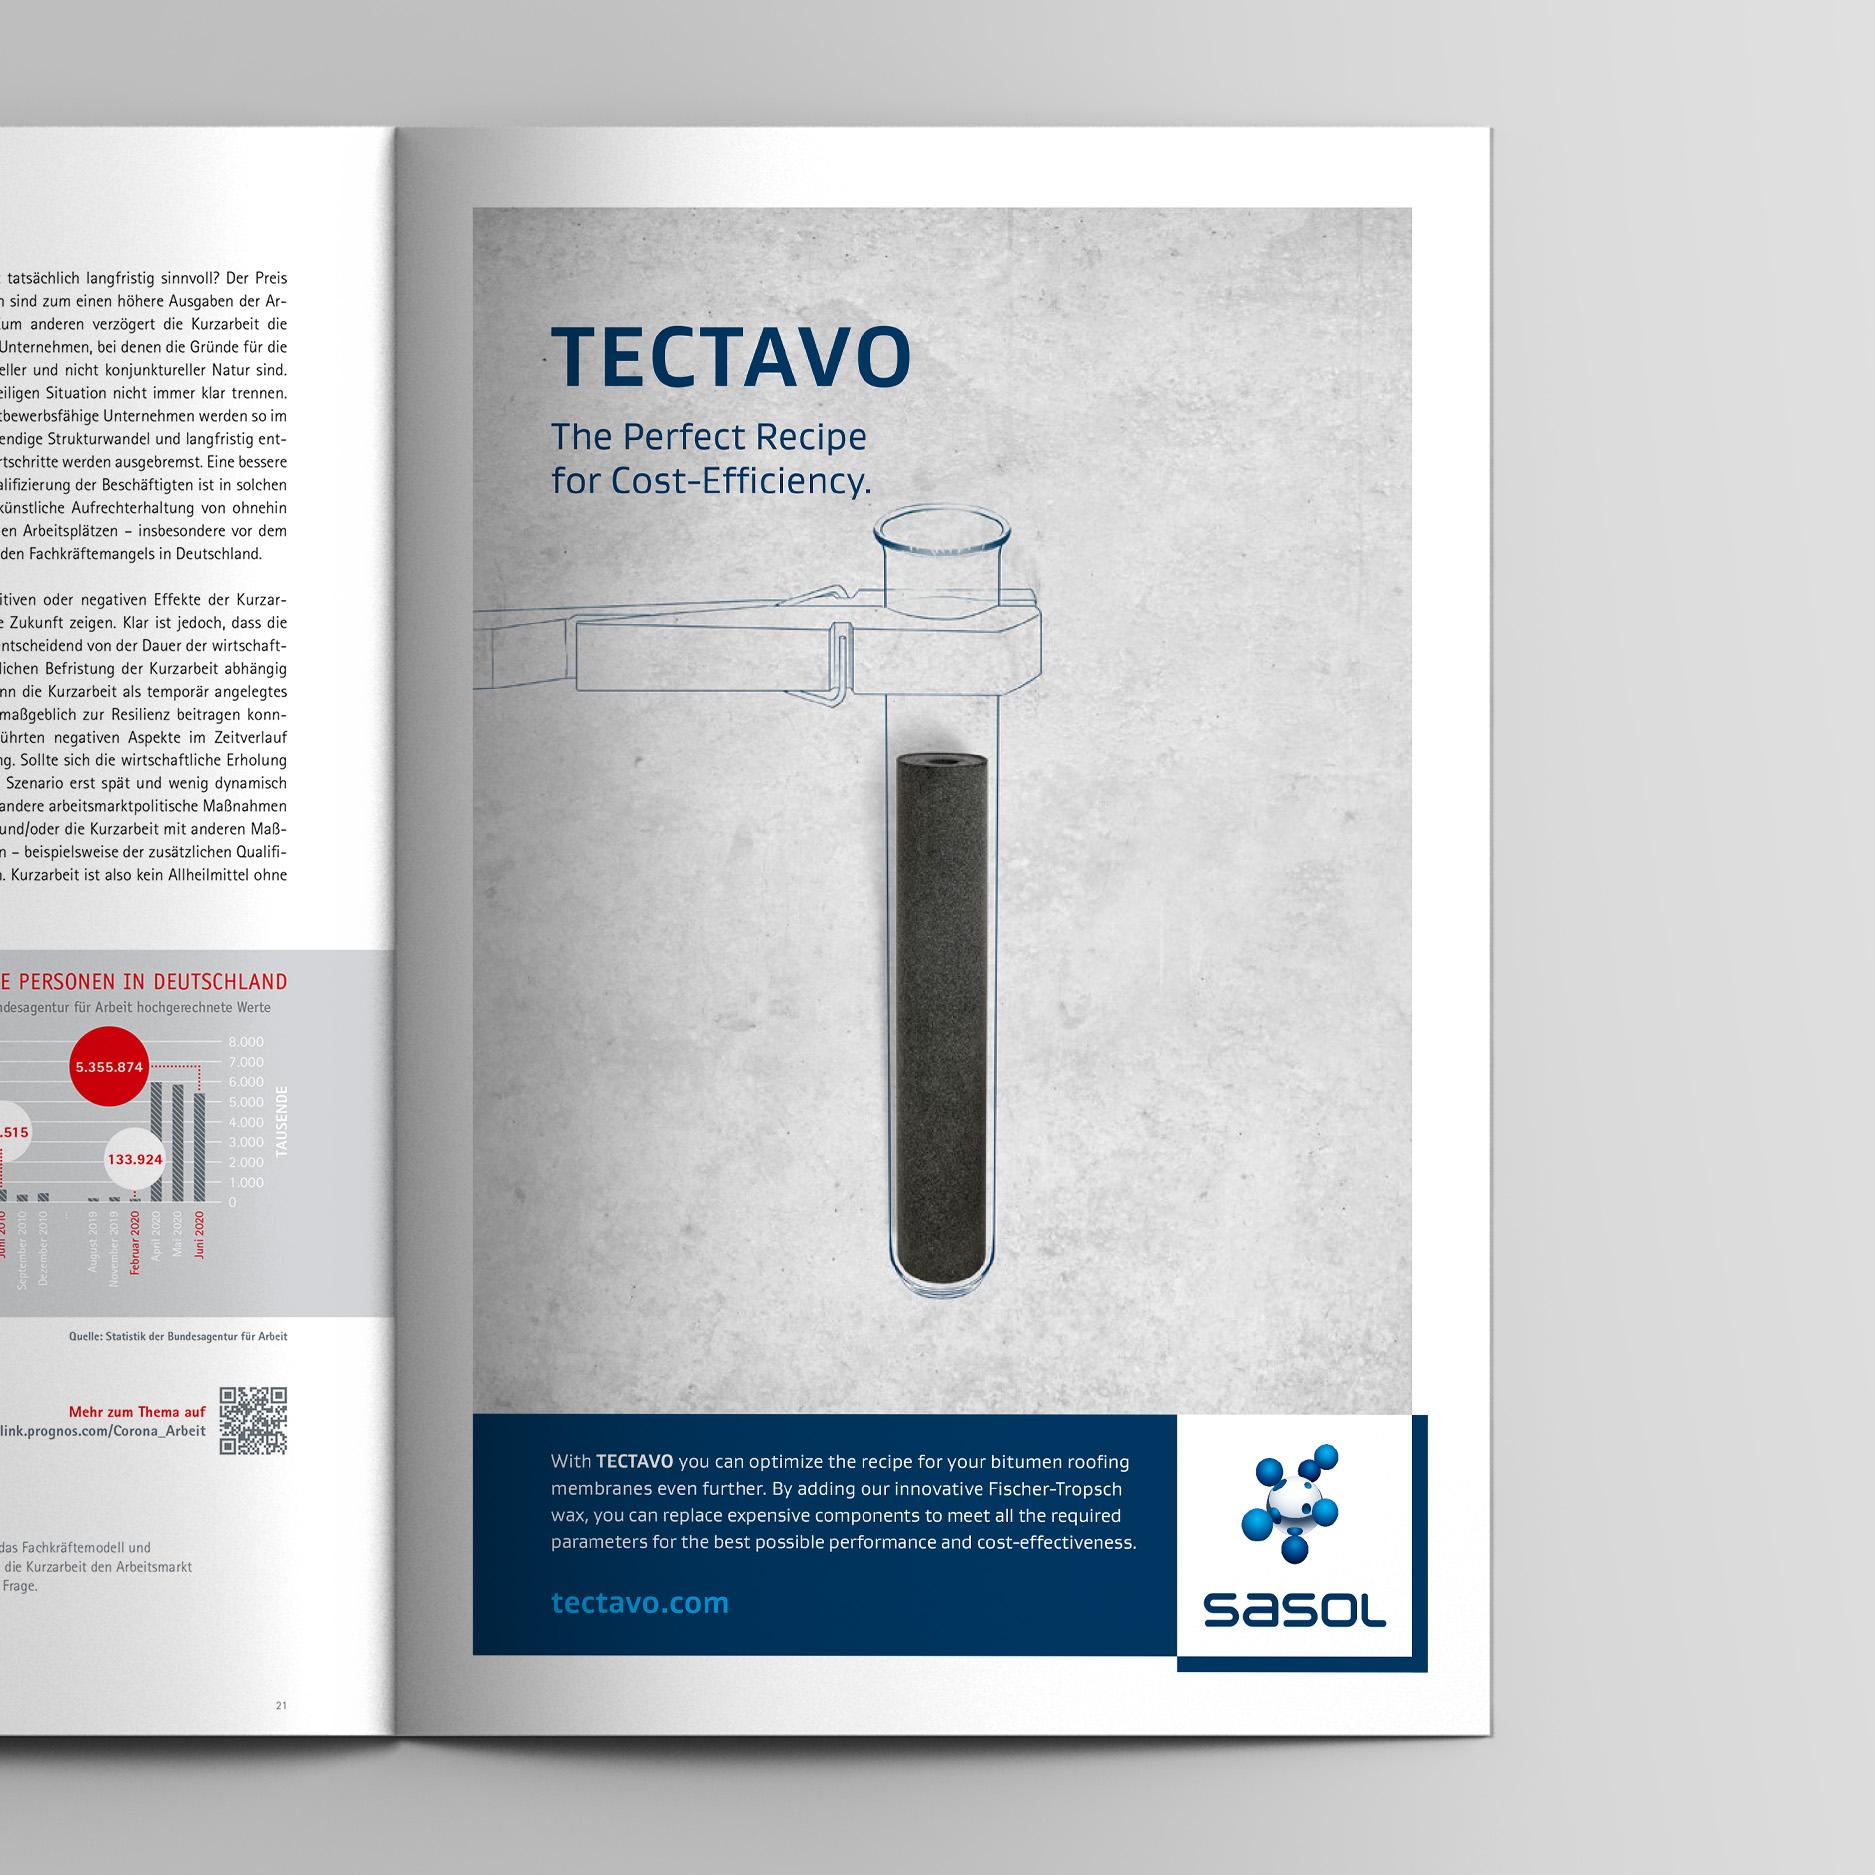 Keyvisual – Anzeige Zusammensetzung (Sasol, Tectavo Productlaunch)